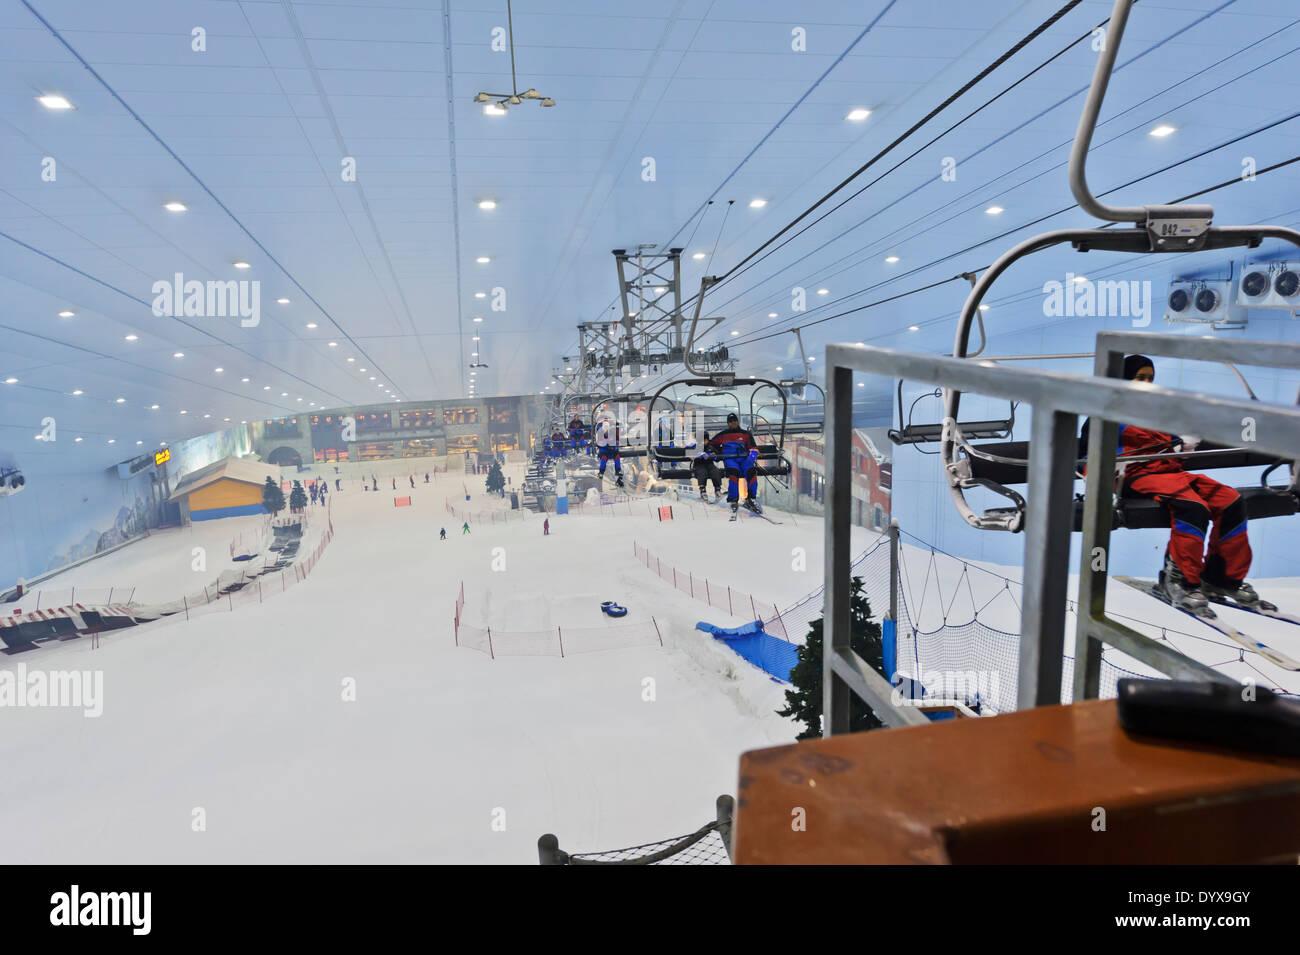 emirates mall ski - photo #36